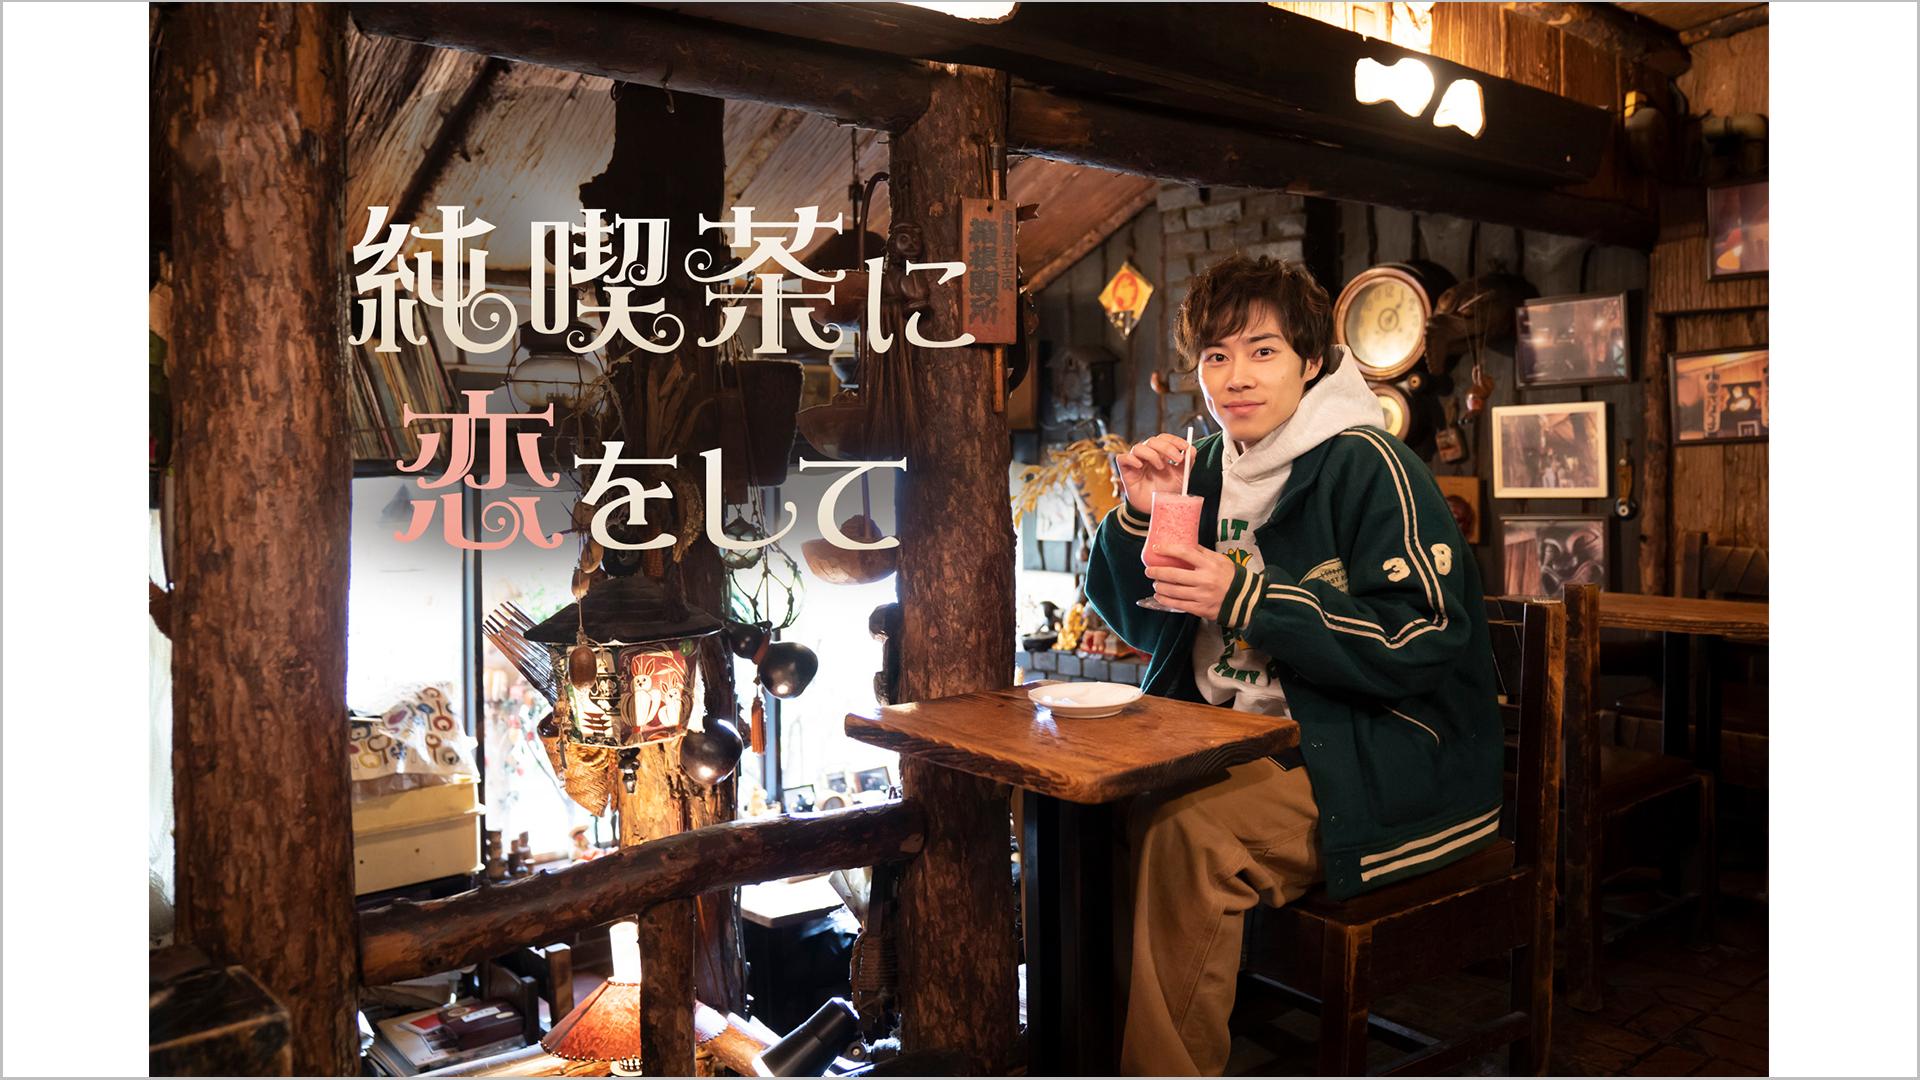 純喫茶に恋をして #10 蔵前「らい」